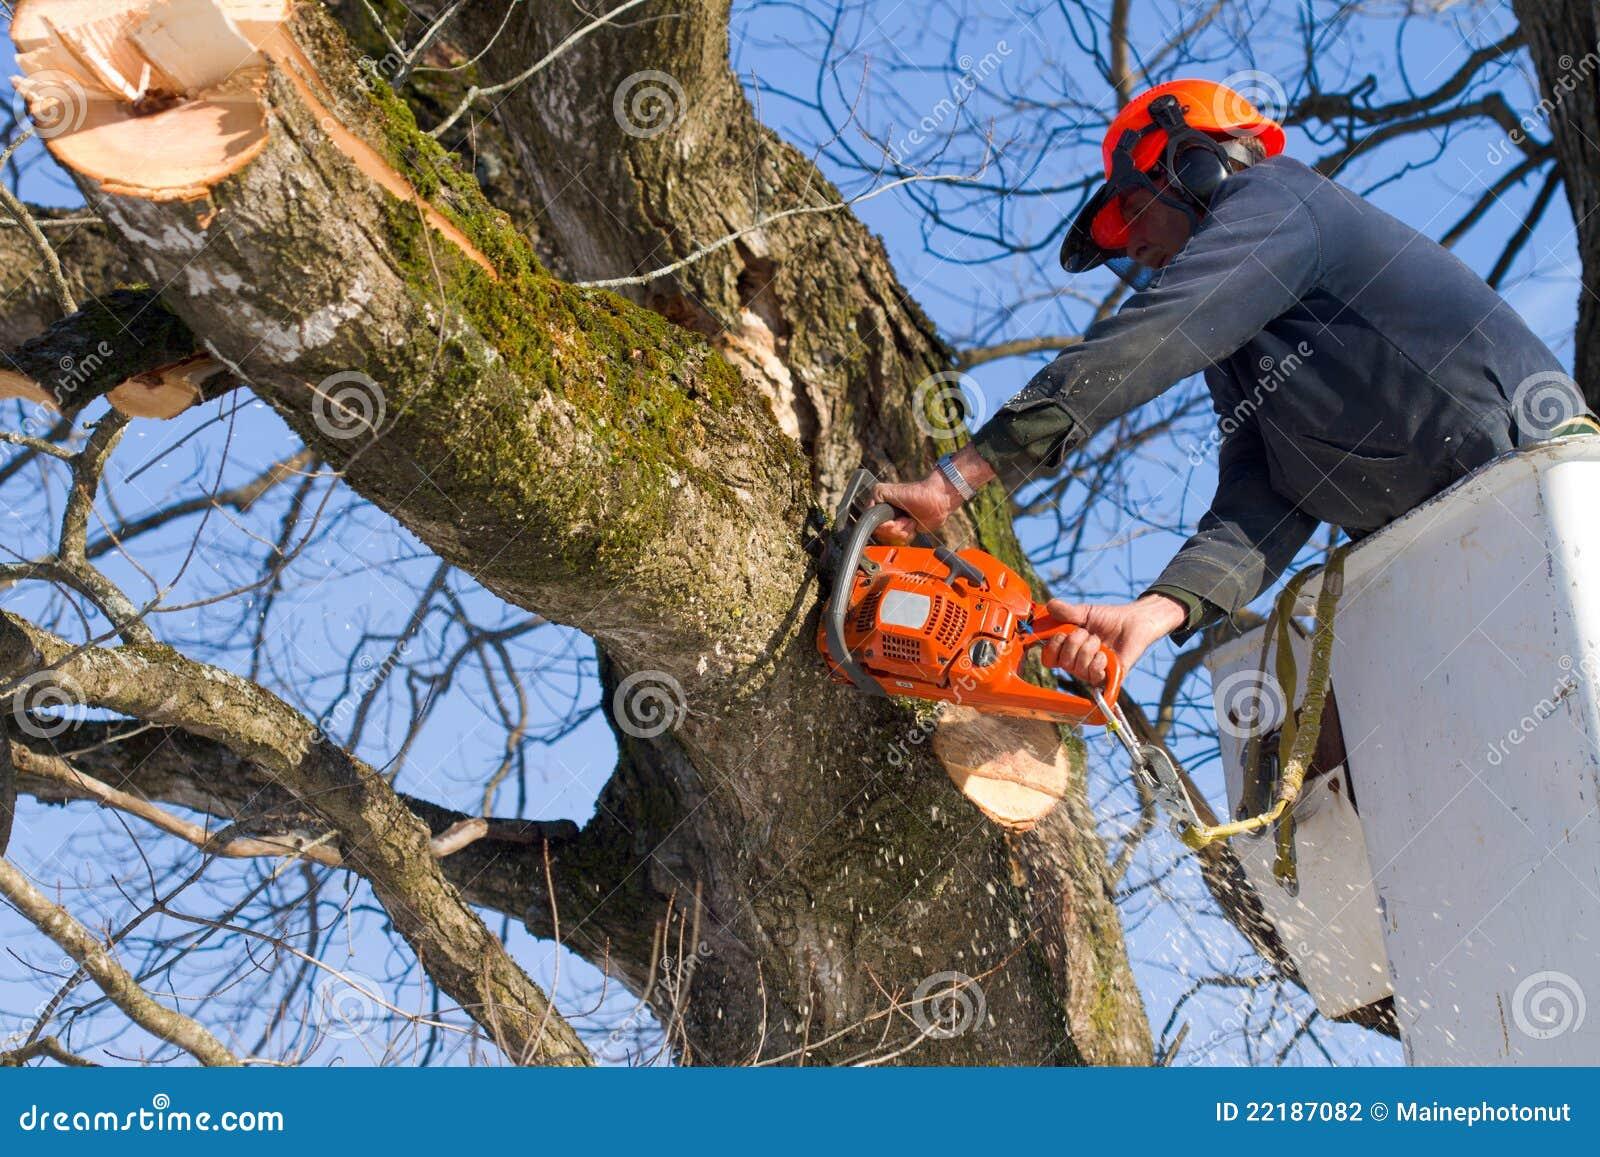 coupe de branches d 39 arbre photo stock image du chapeau 22187082. Black Bedroom Furniture Sets. Home Design Ideas